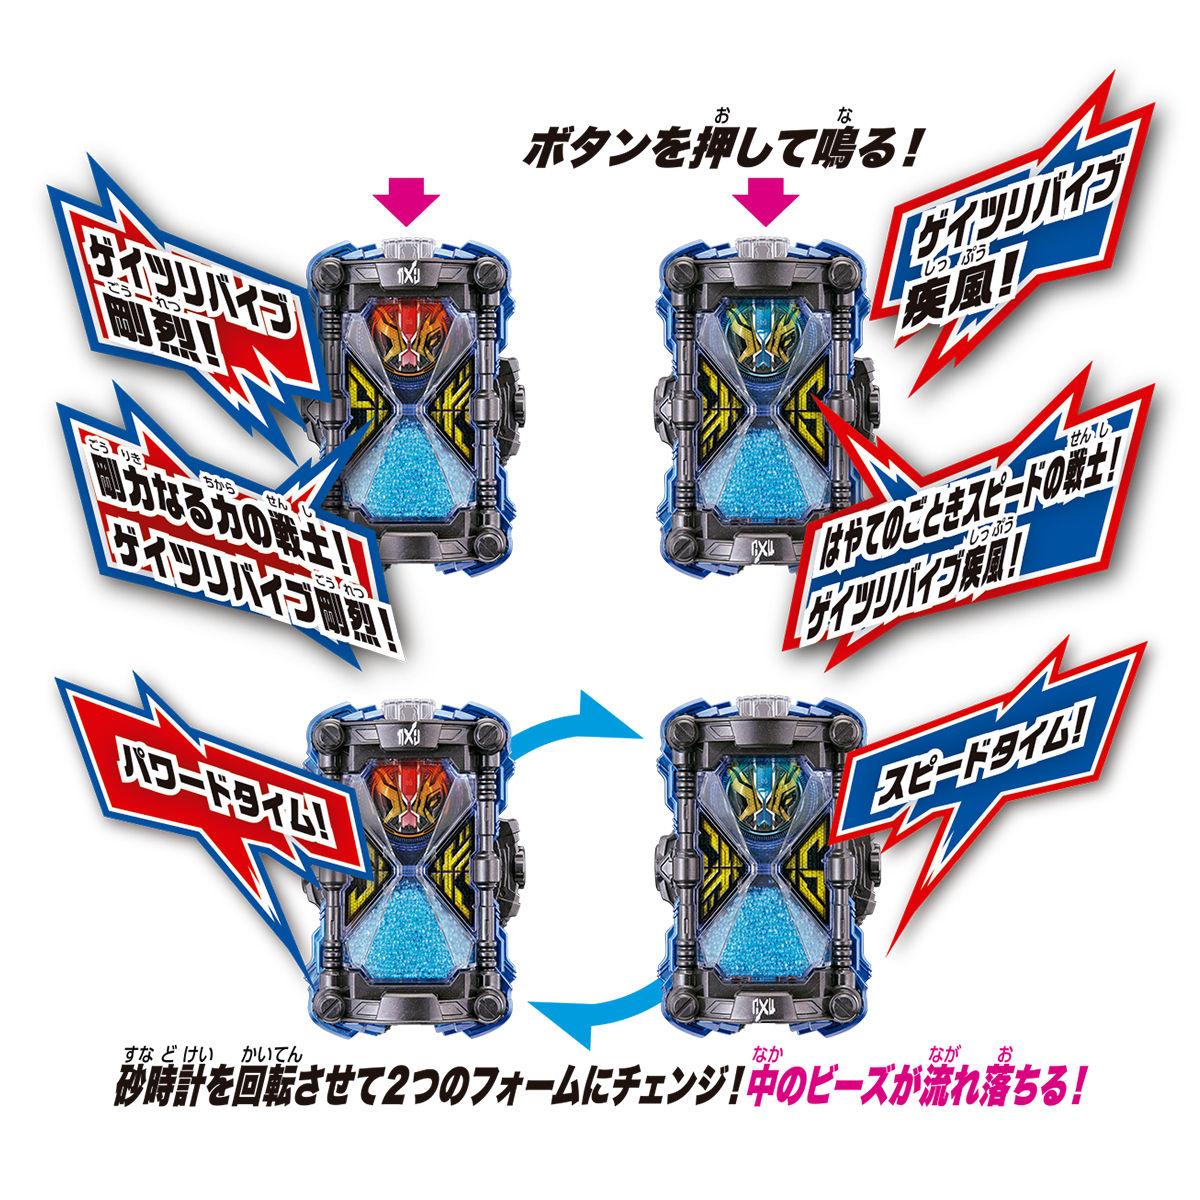 ライドウォッチ『DXゲイツ リバイブ ライドウォッチ』仮面ライダージオウ 変身なりきり-006